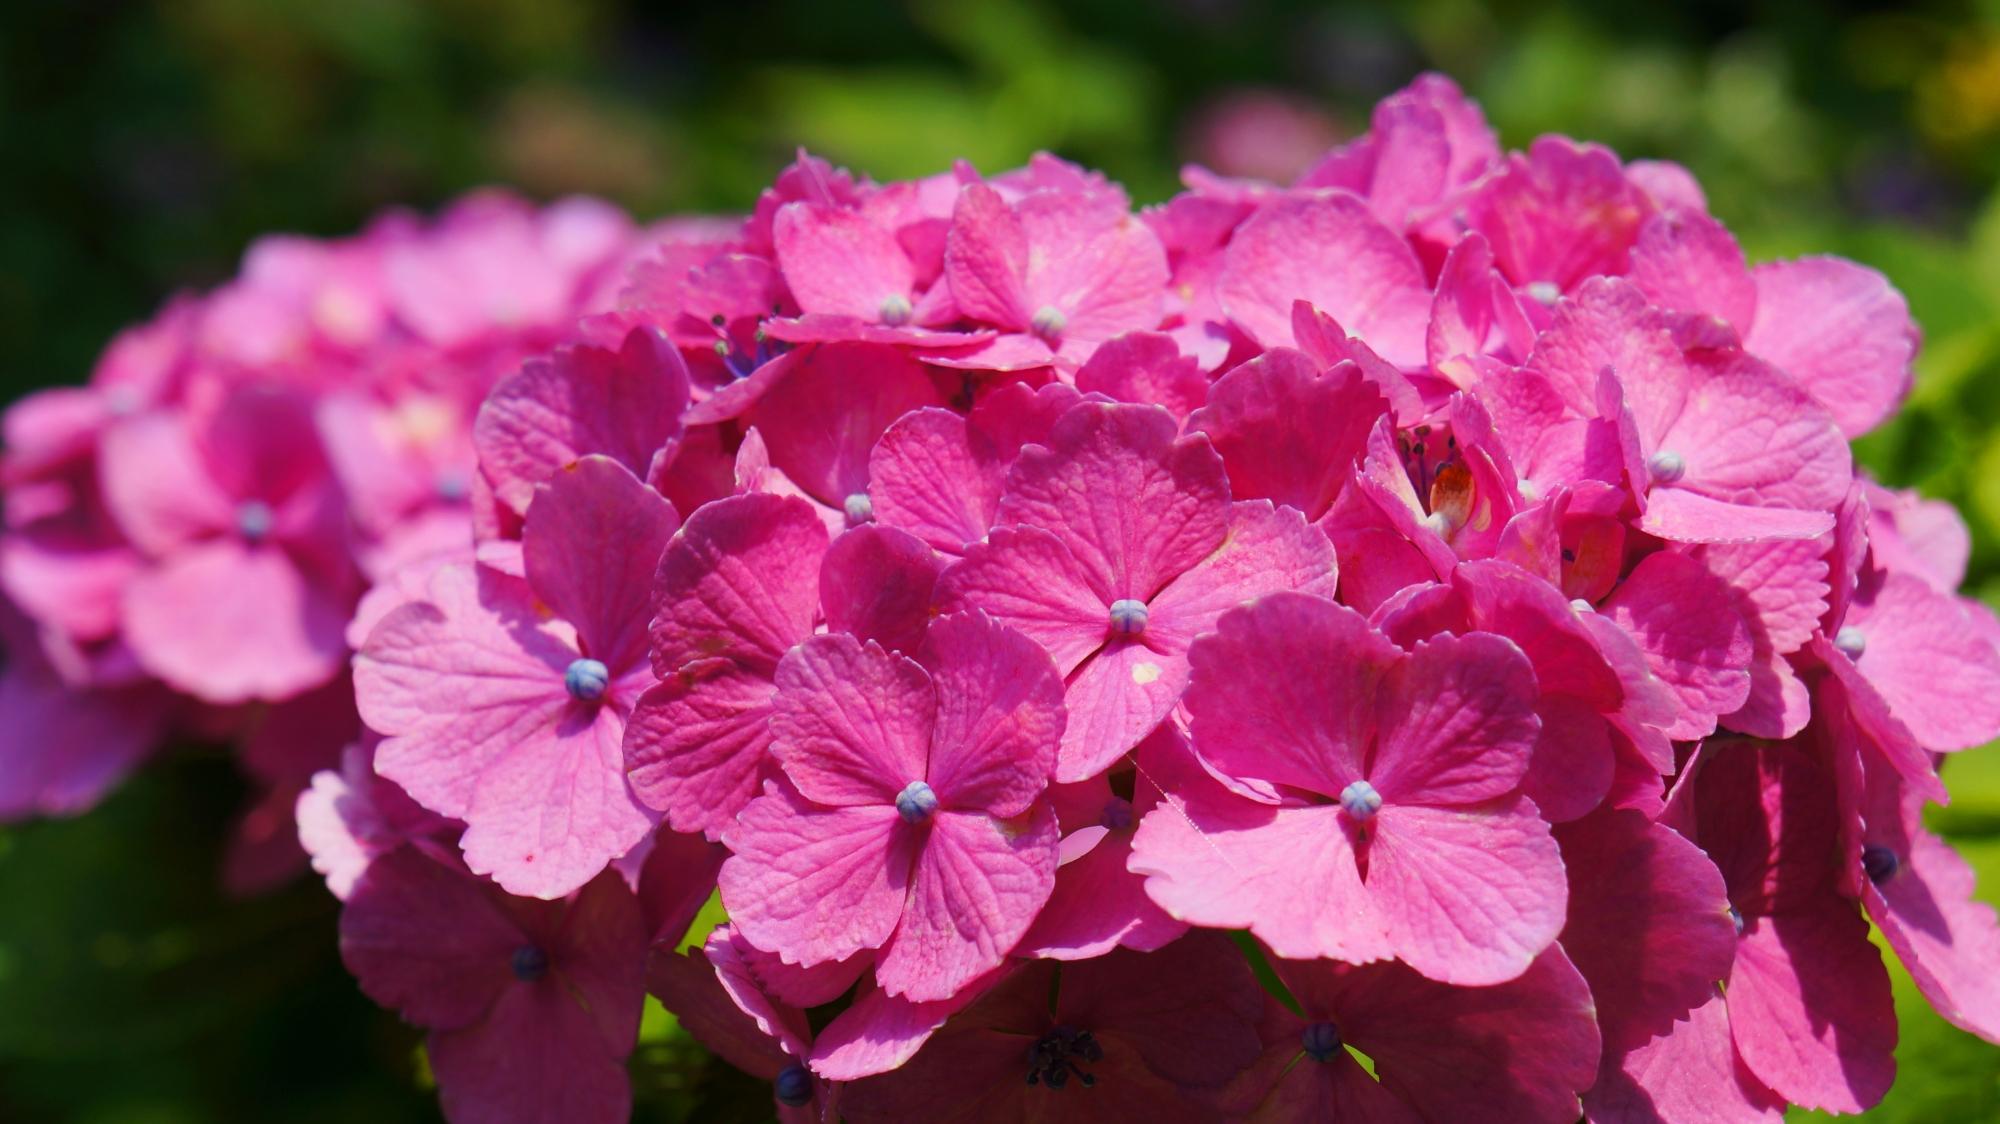 日が当たり煌く鮮やかなピンクのあじさいの花びら